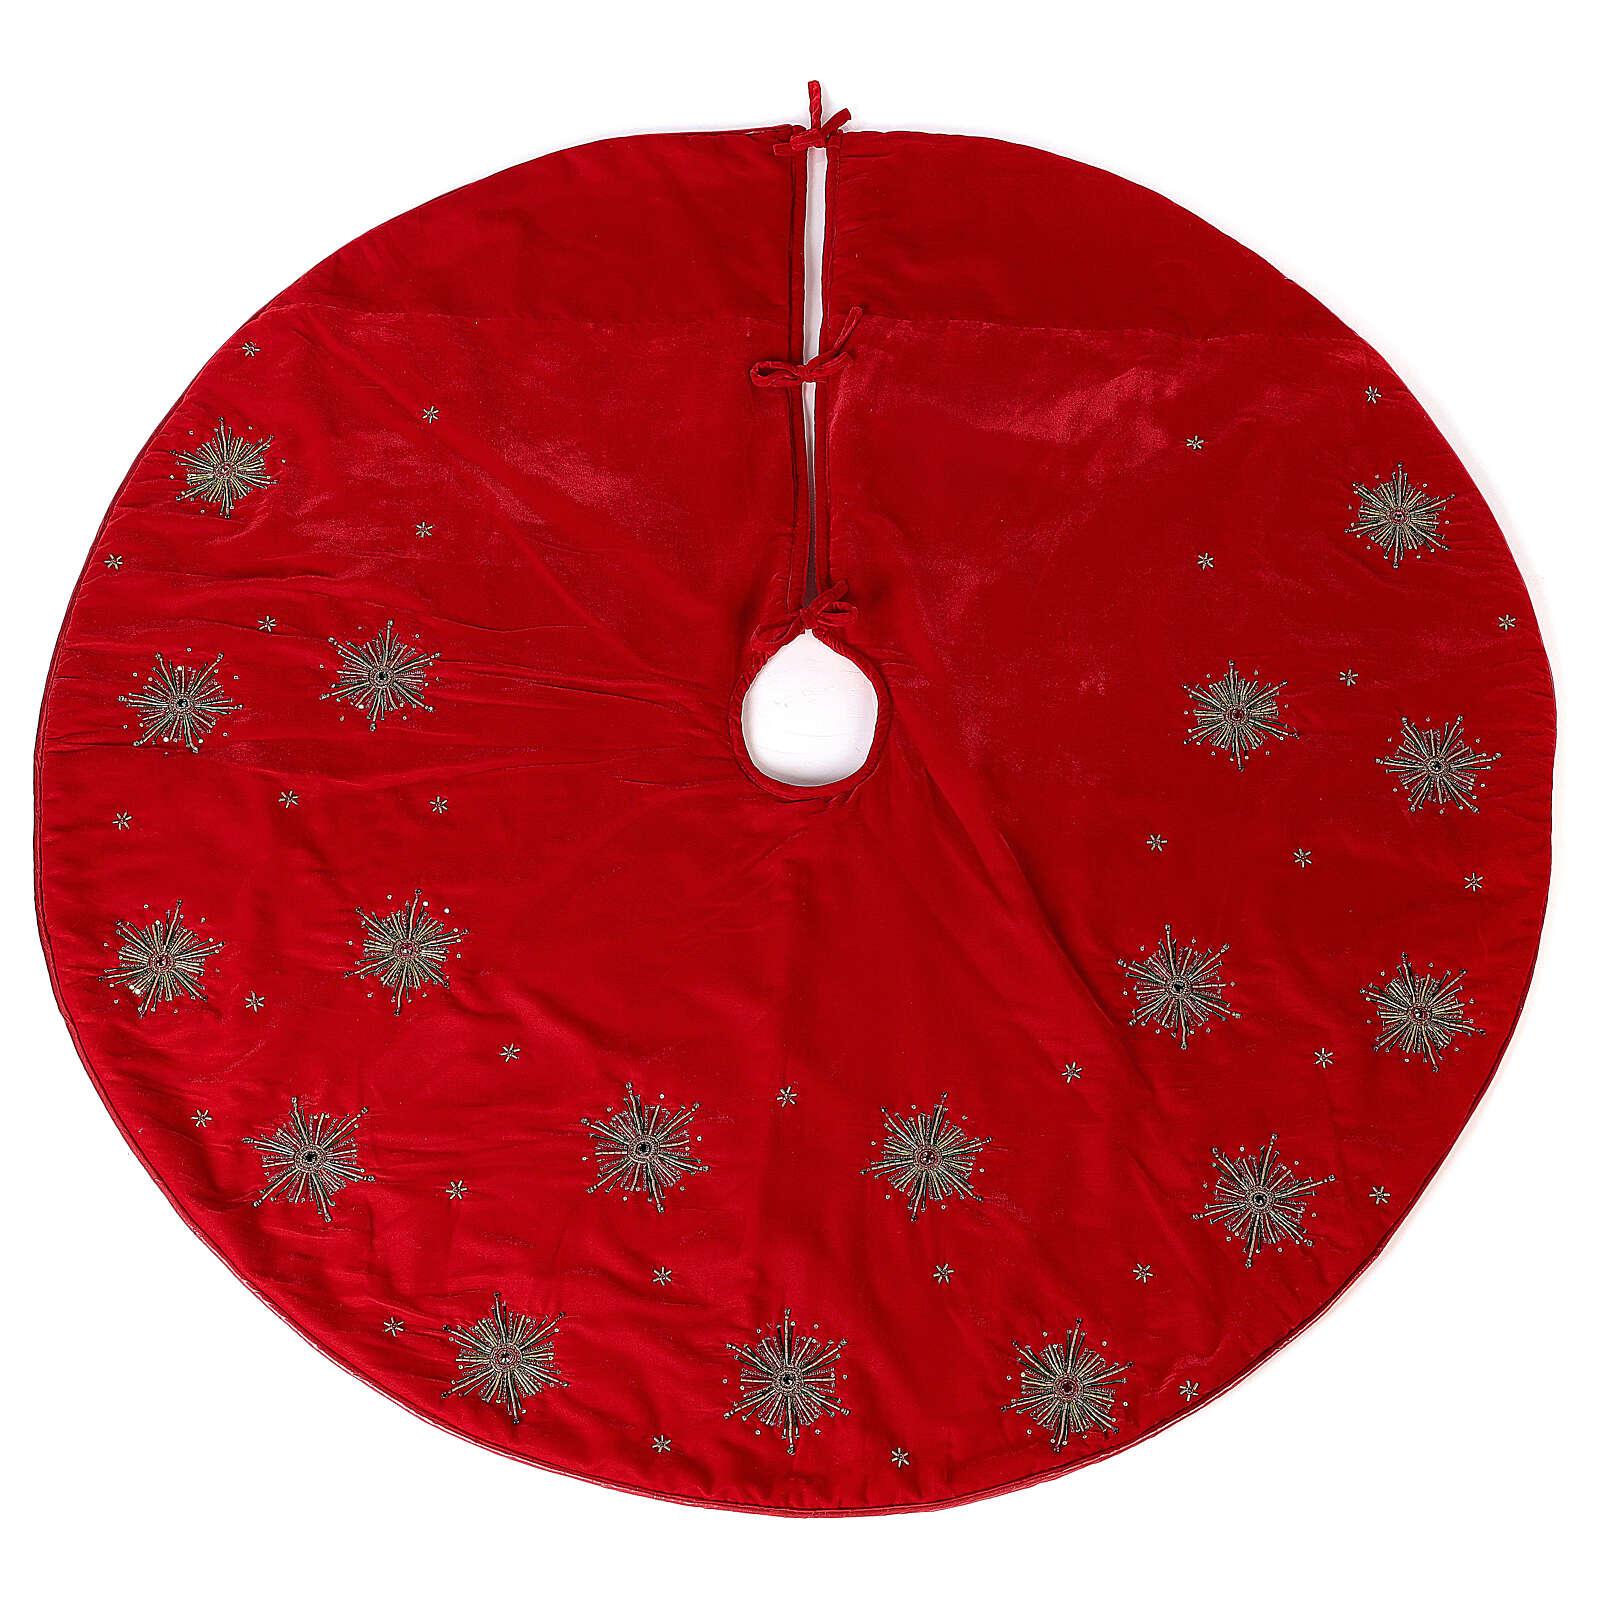 Copribase Albero Natale fuochi d'artificio d. 1,30 cm rayon cotone 3